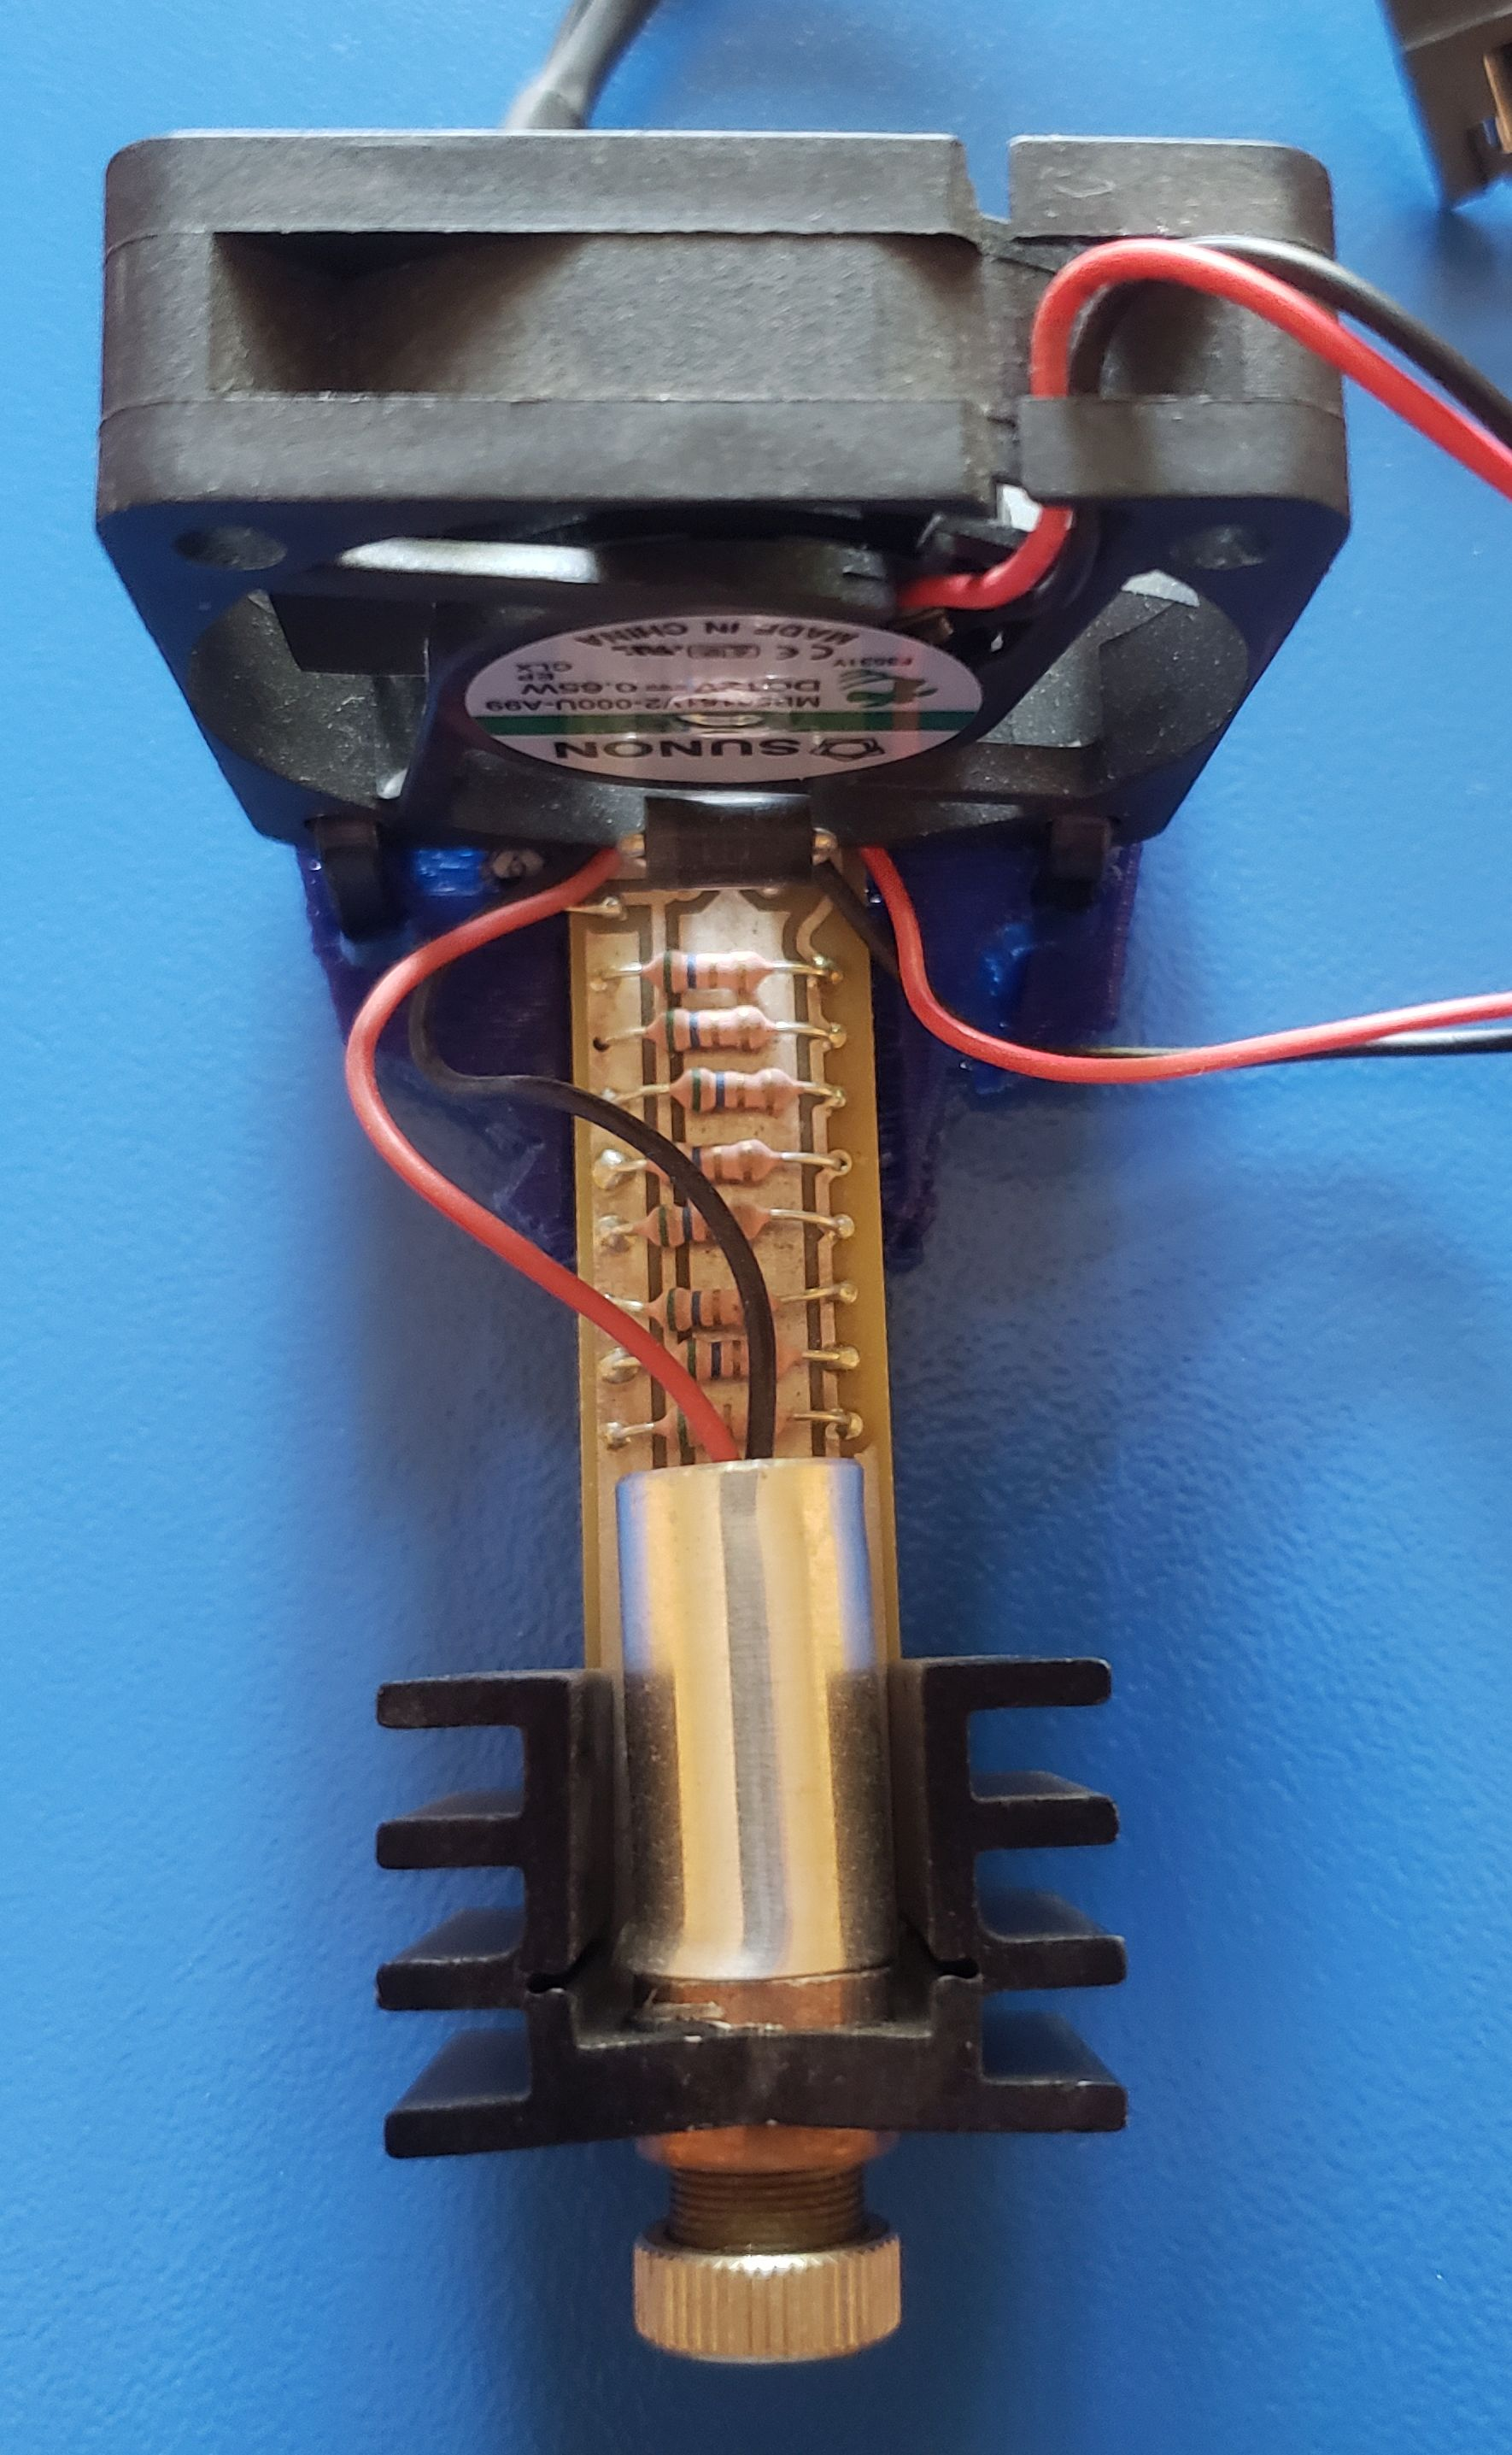 An L-Cheapo Laser Cutter Module, Original 2014 Model